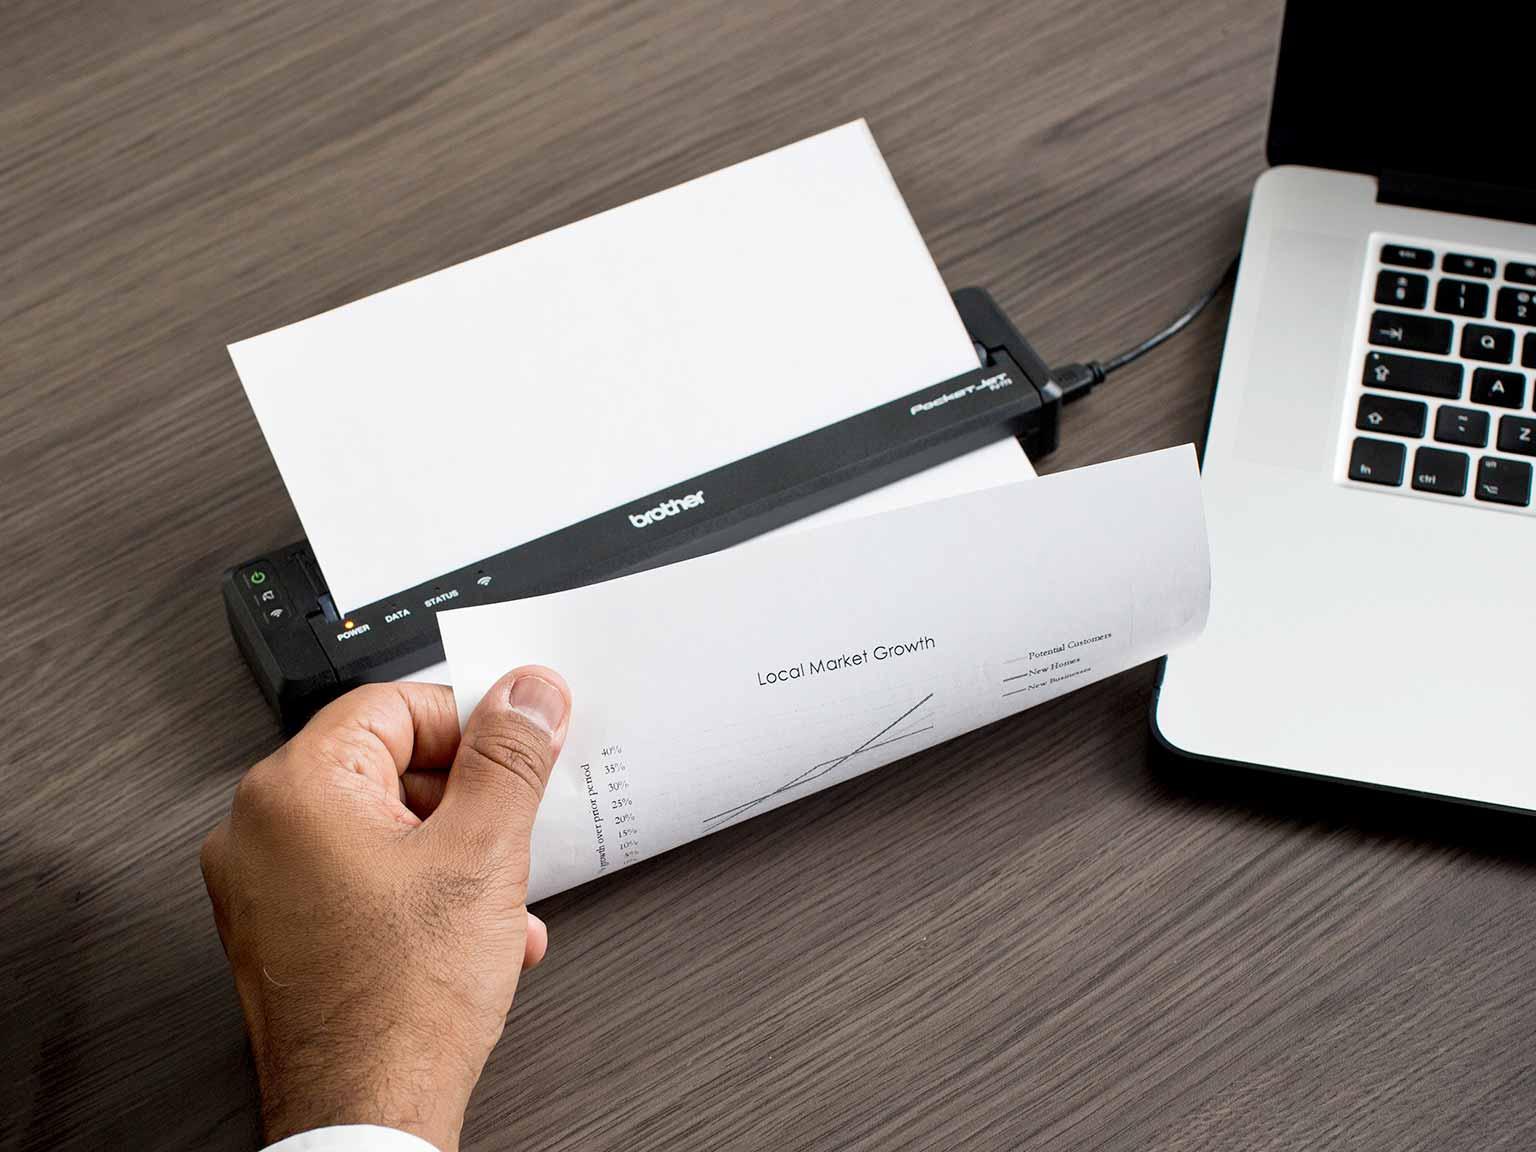 Prodajalec tiska stran A4 na mobilnem tiskalniku serije Brother PJ